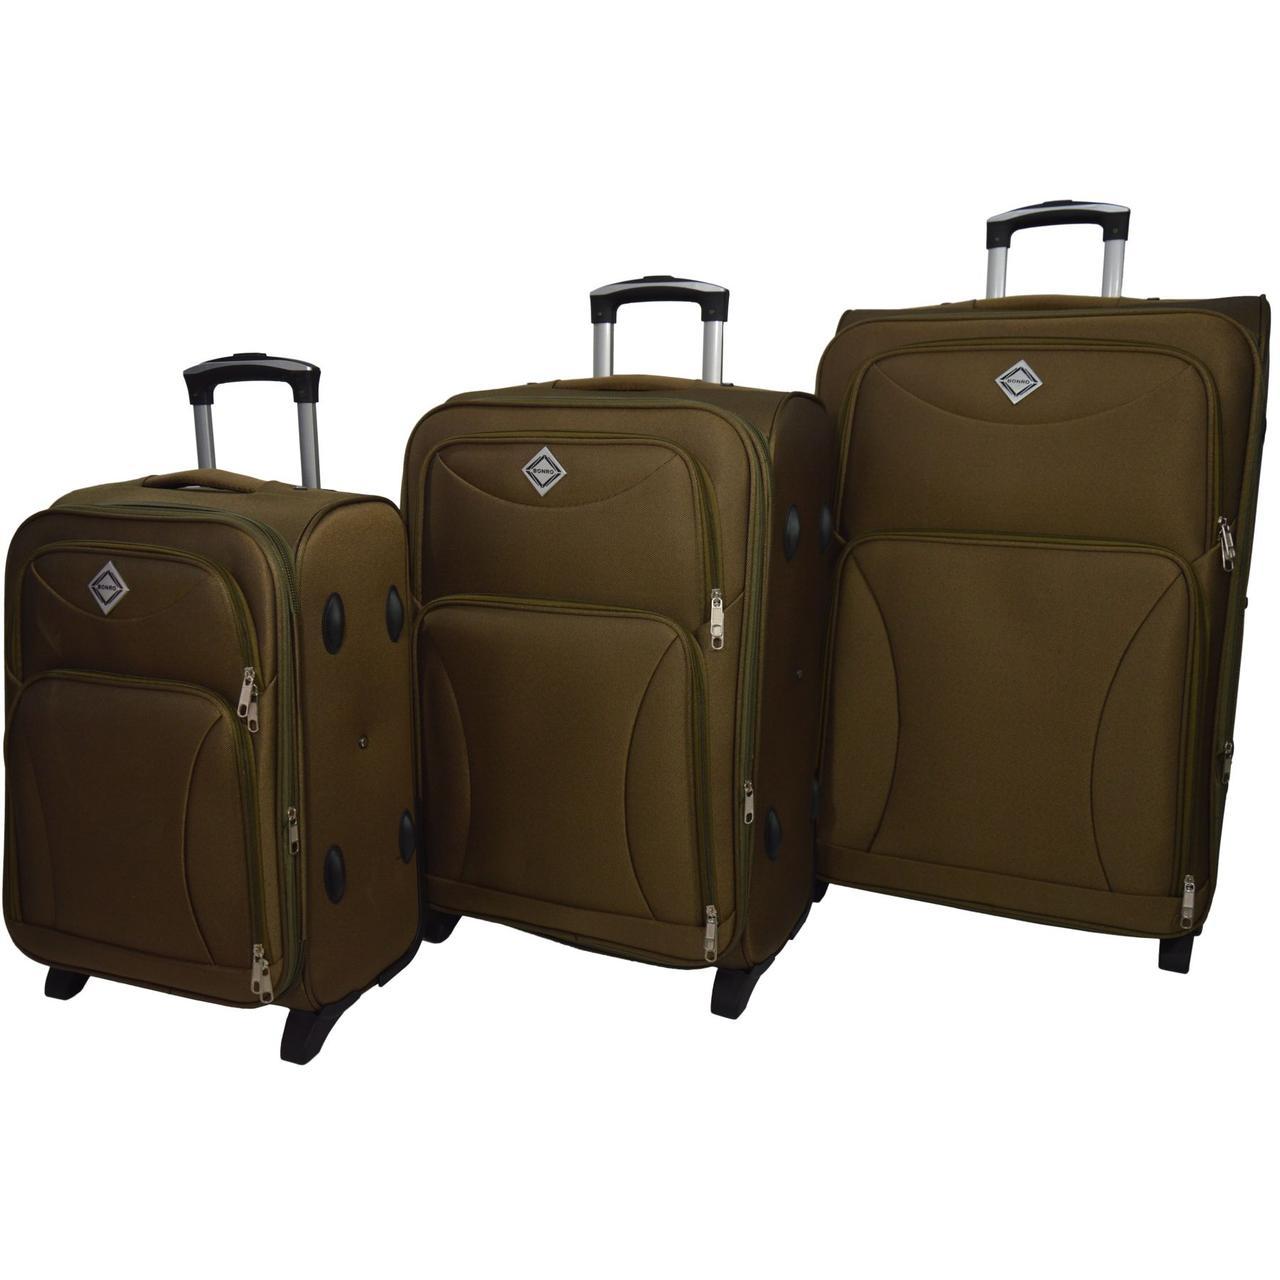 Набор чемоданов Bonro Tourist 3 штуки золотой